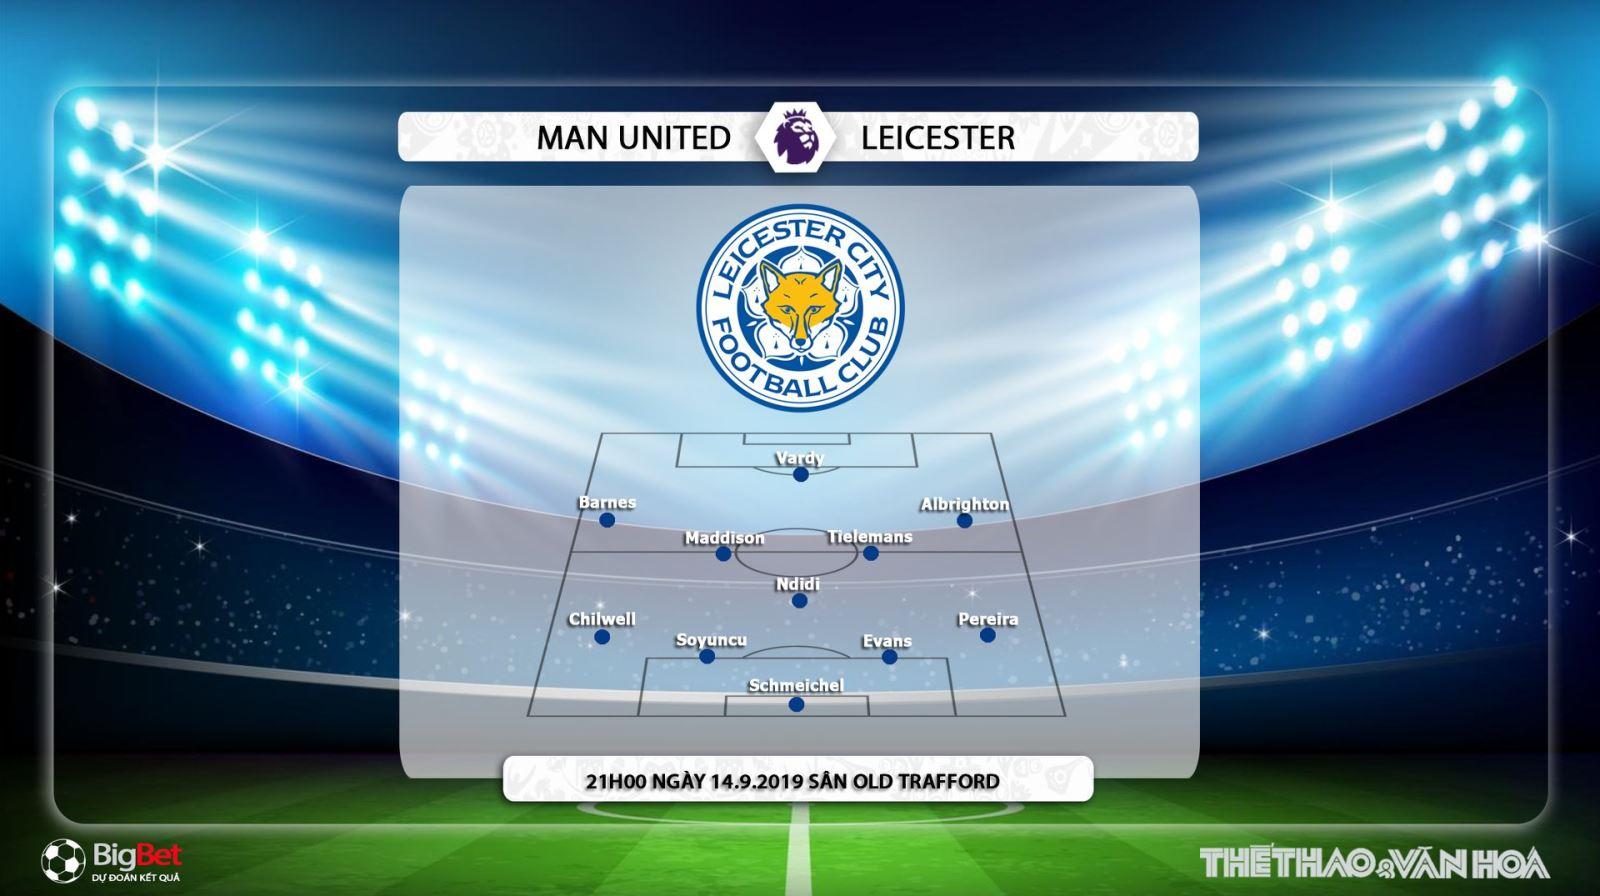 K+, K+PM, soi kèo bóng đá, MU đấu với Leicester, truc tiep bong da hôm nay, MU vs Leicester, trực tiếp bóng đá, xem bong da truc tuyen, bong da, Ngoai hang Anh, Man Utd